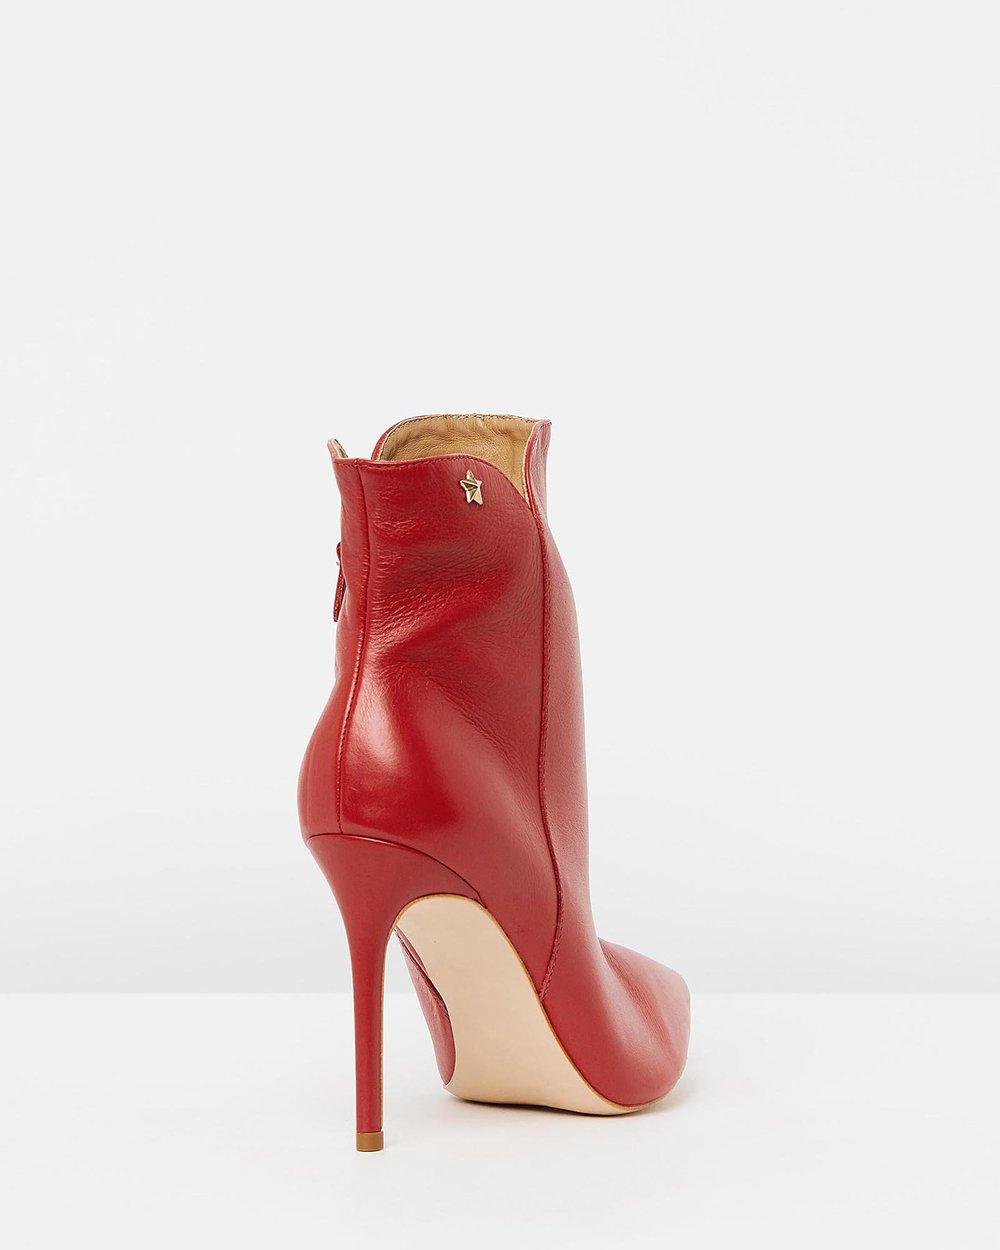 Florenza - Red